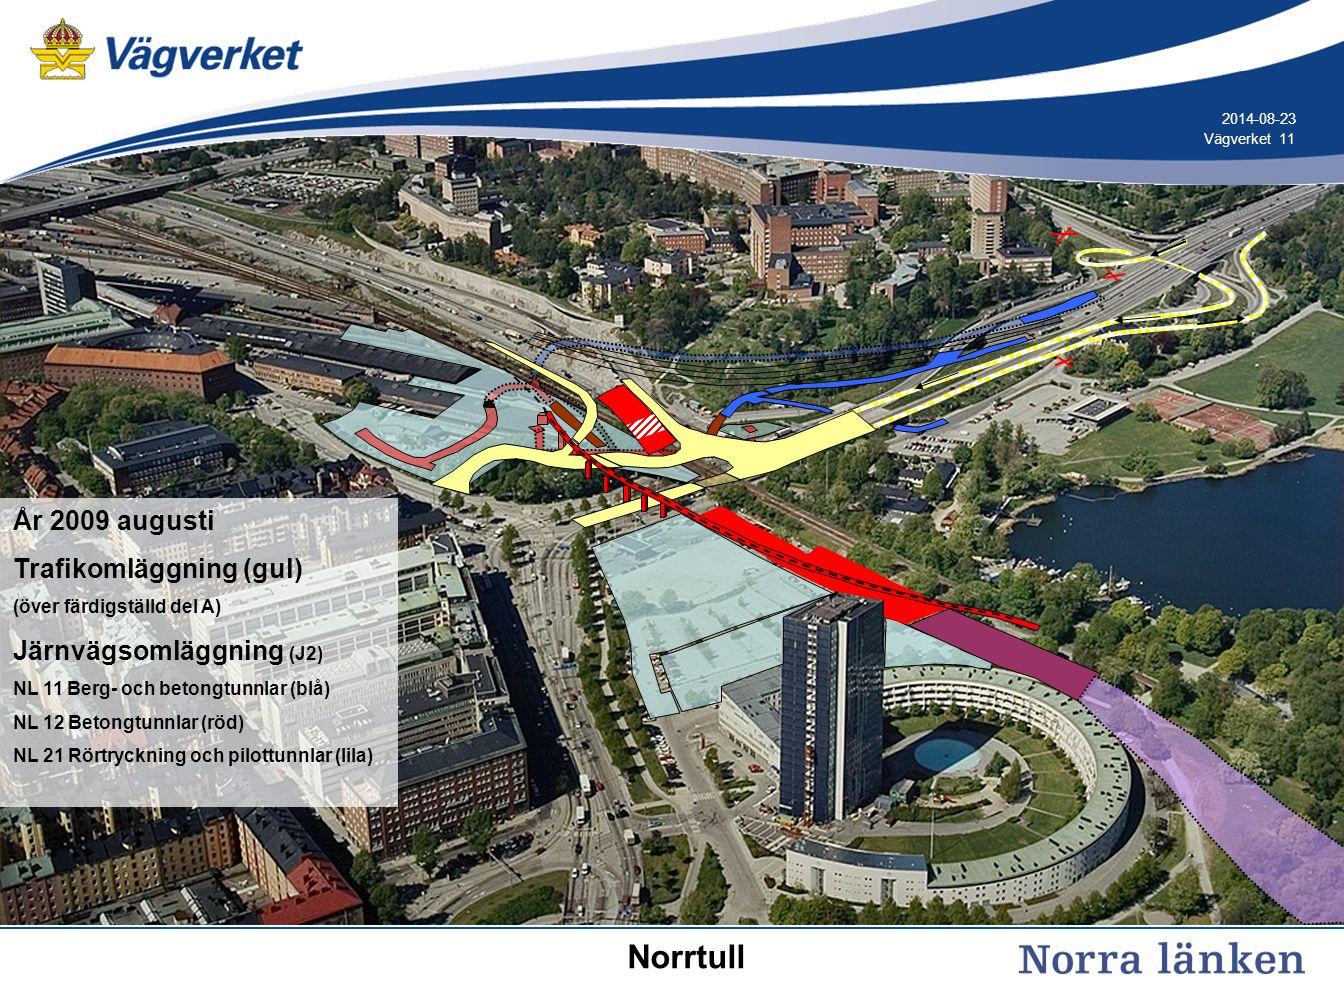 Norrtull År 2009 augusti Trafikomläggning (gul)